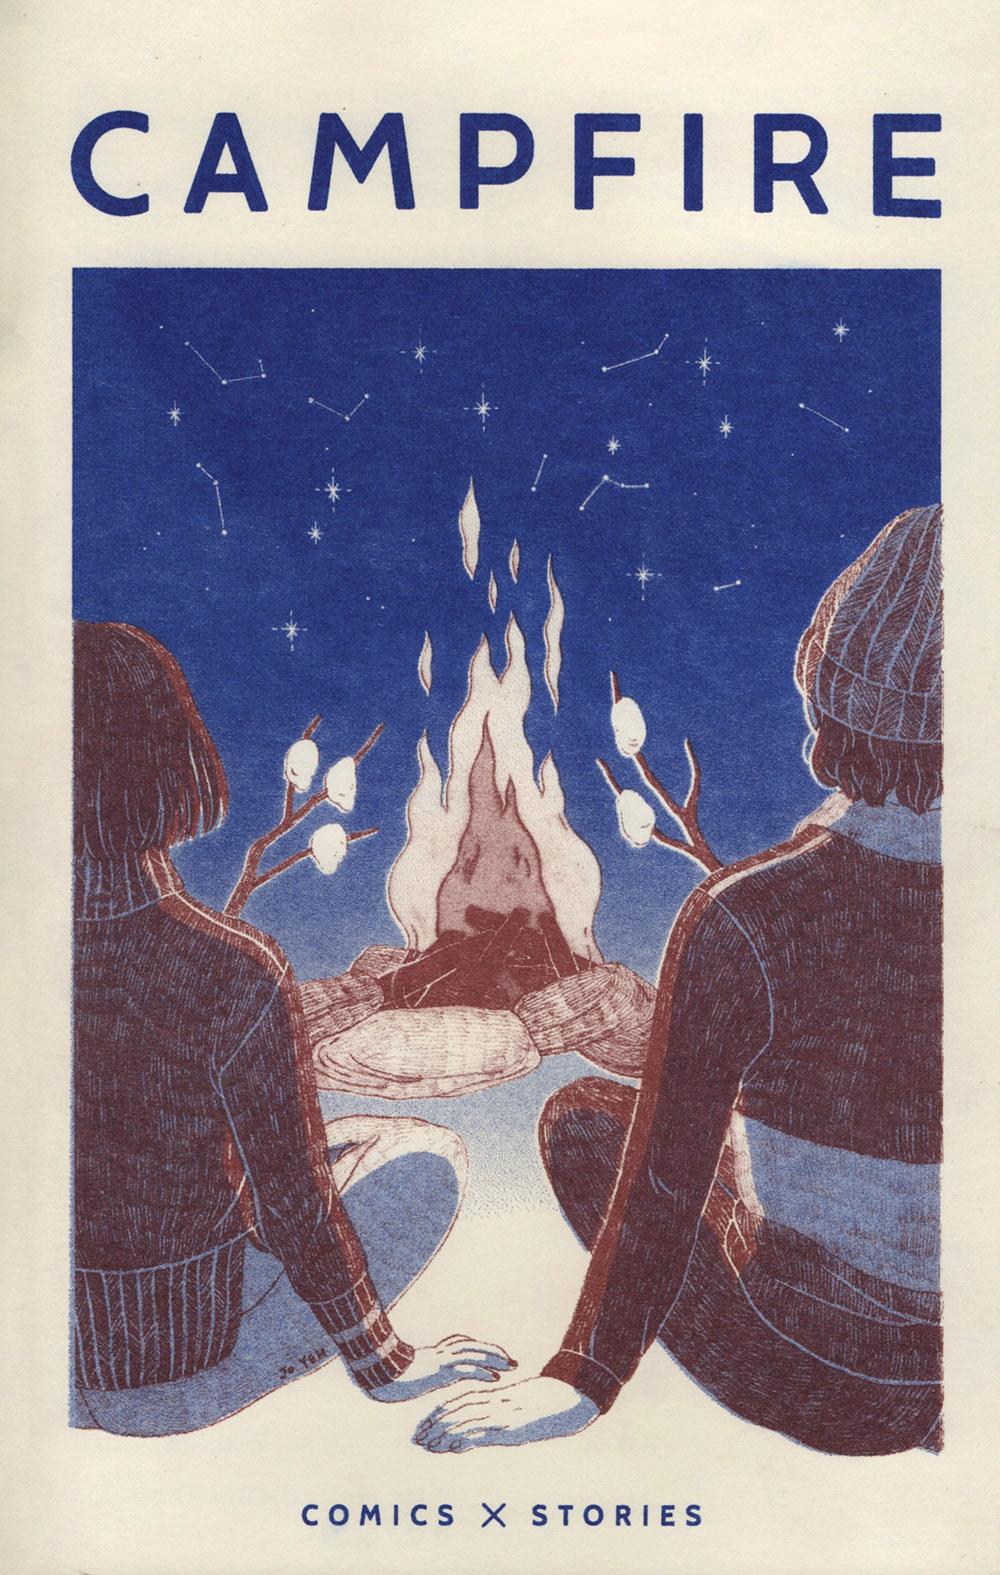 Campfire_cover copy.jpg